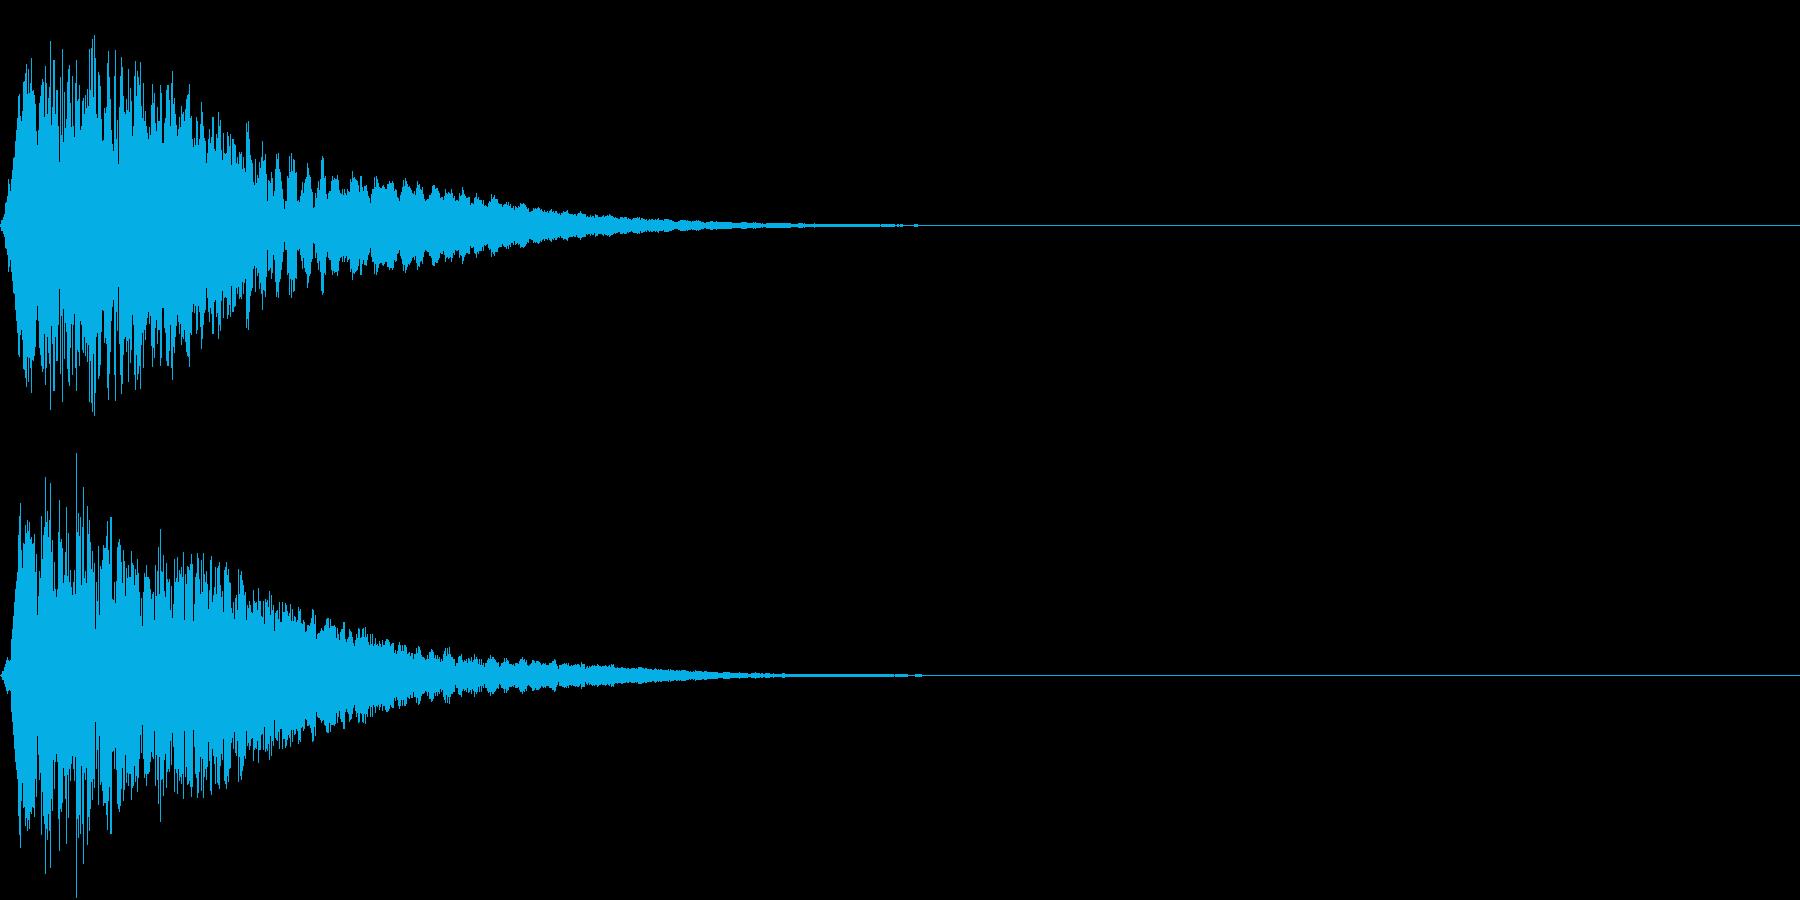 キュイン ボタン ピキーン キーン 18の再生済みの波形